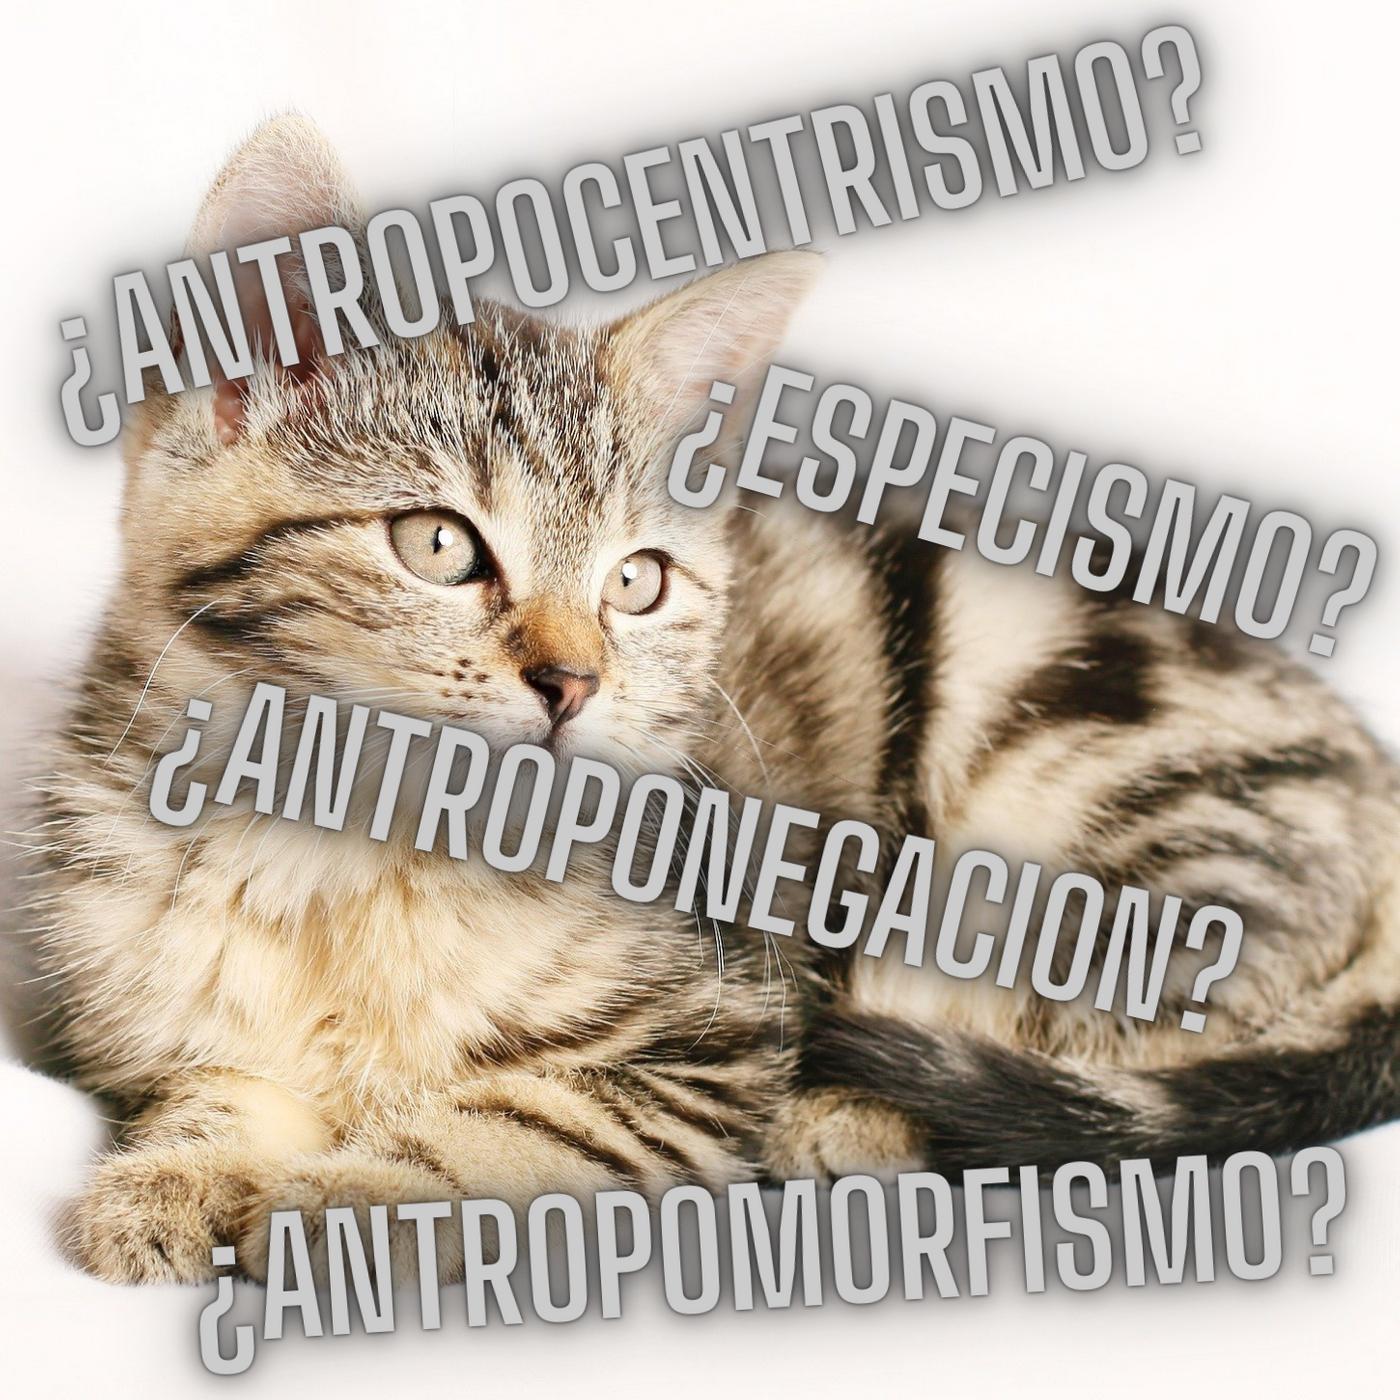 Ep.26 Especismo-Antropocentrismo- Antropomorfismo- Antroponegacion- Definiciones Parte 2